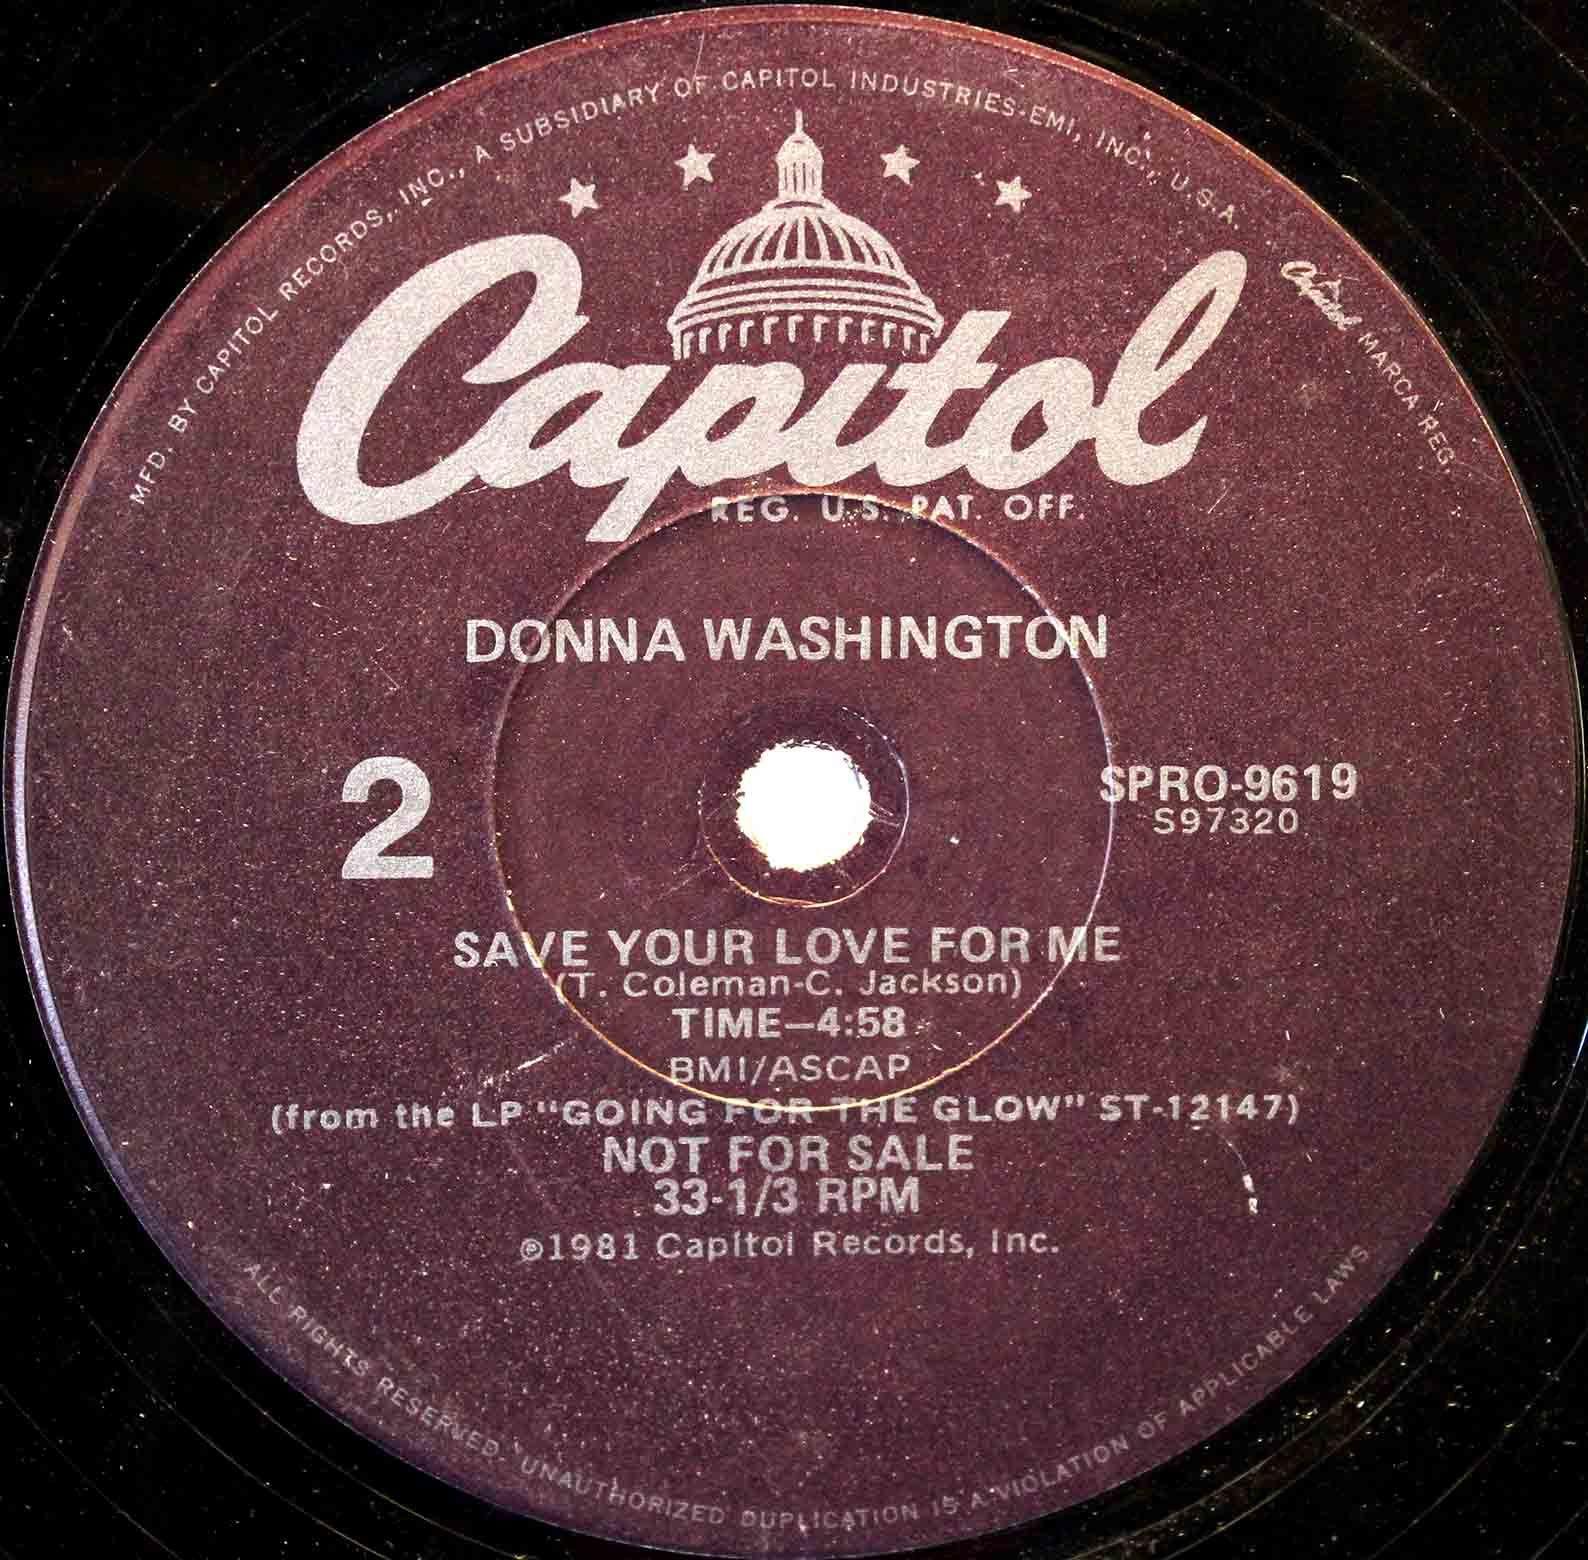 Donna Washington – Scuse Me, While I Fall In Love 04